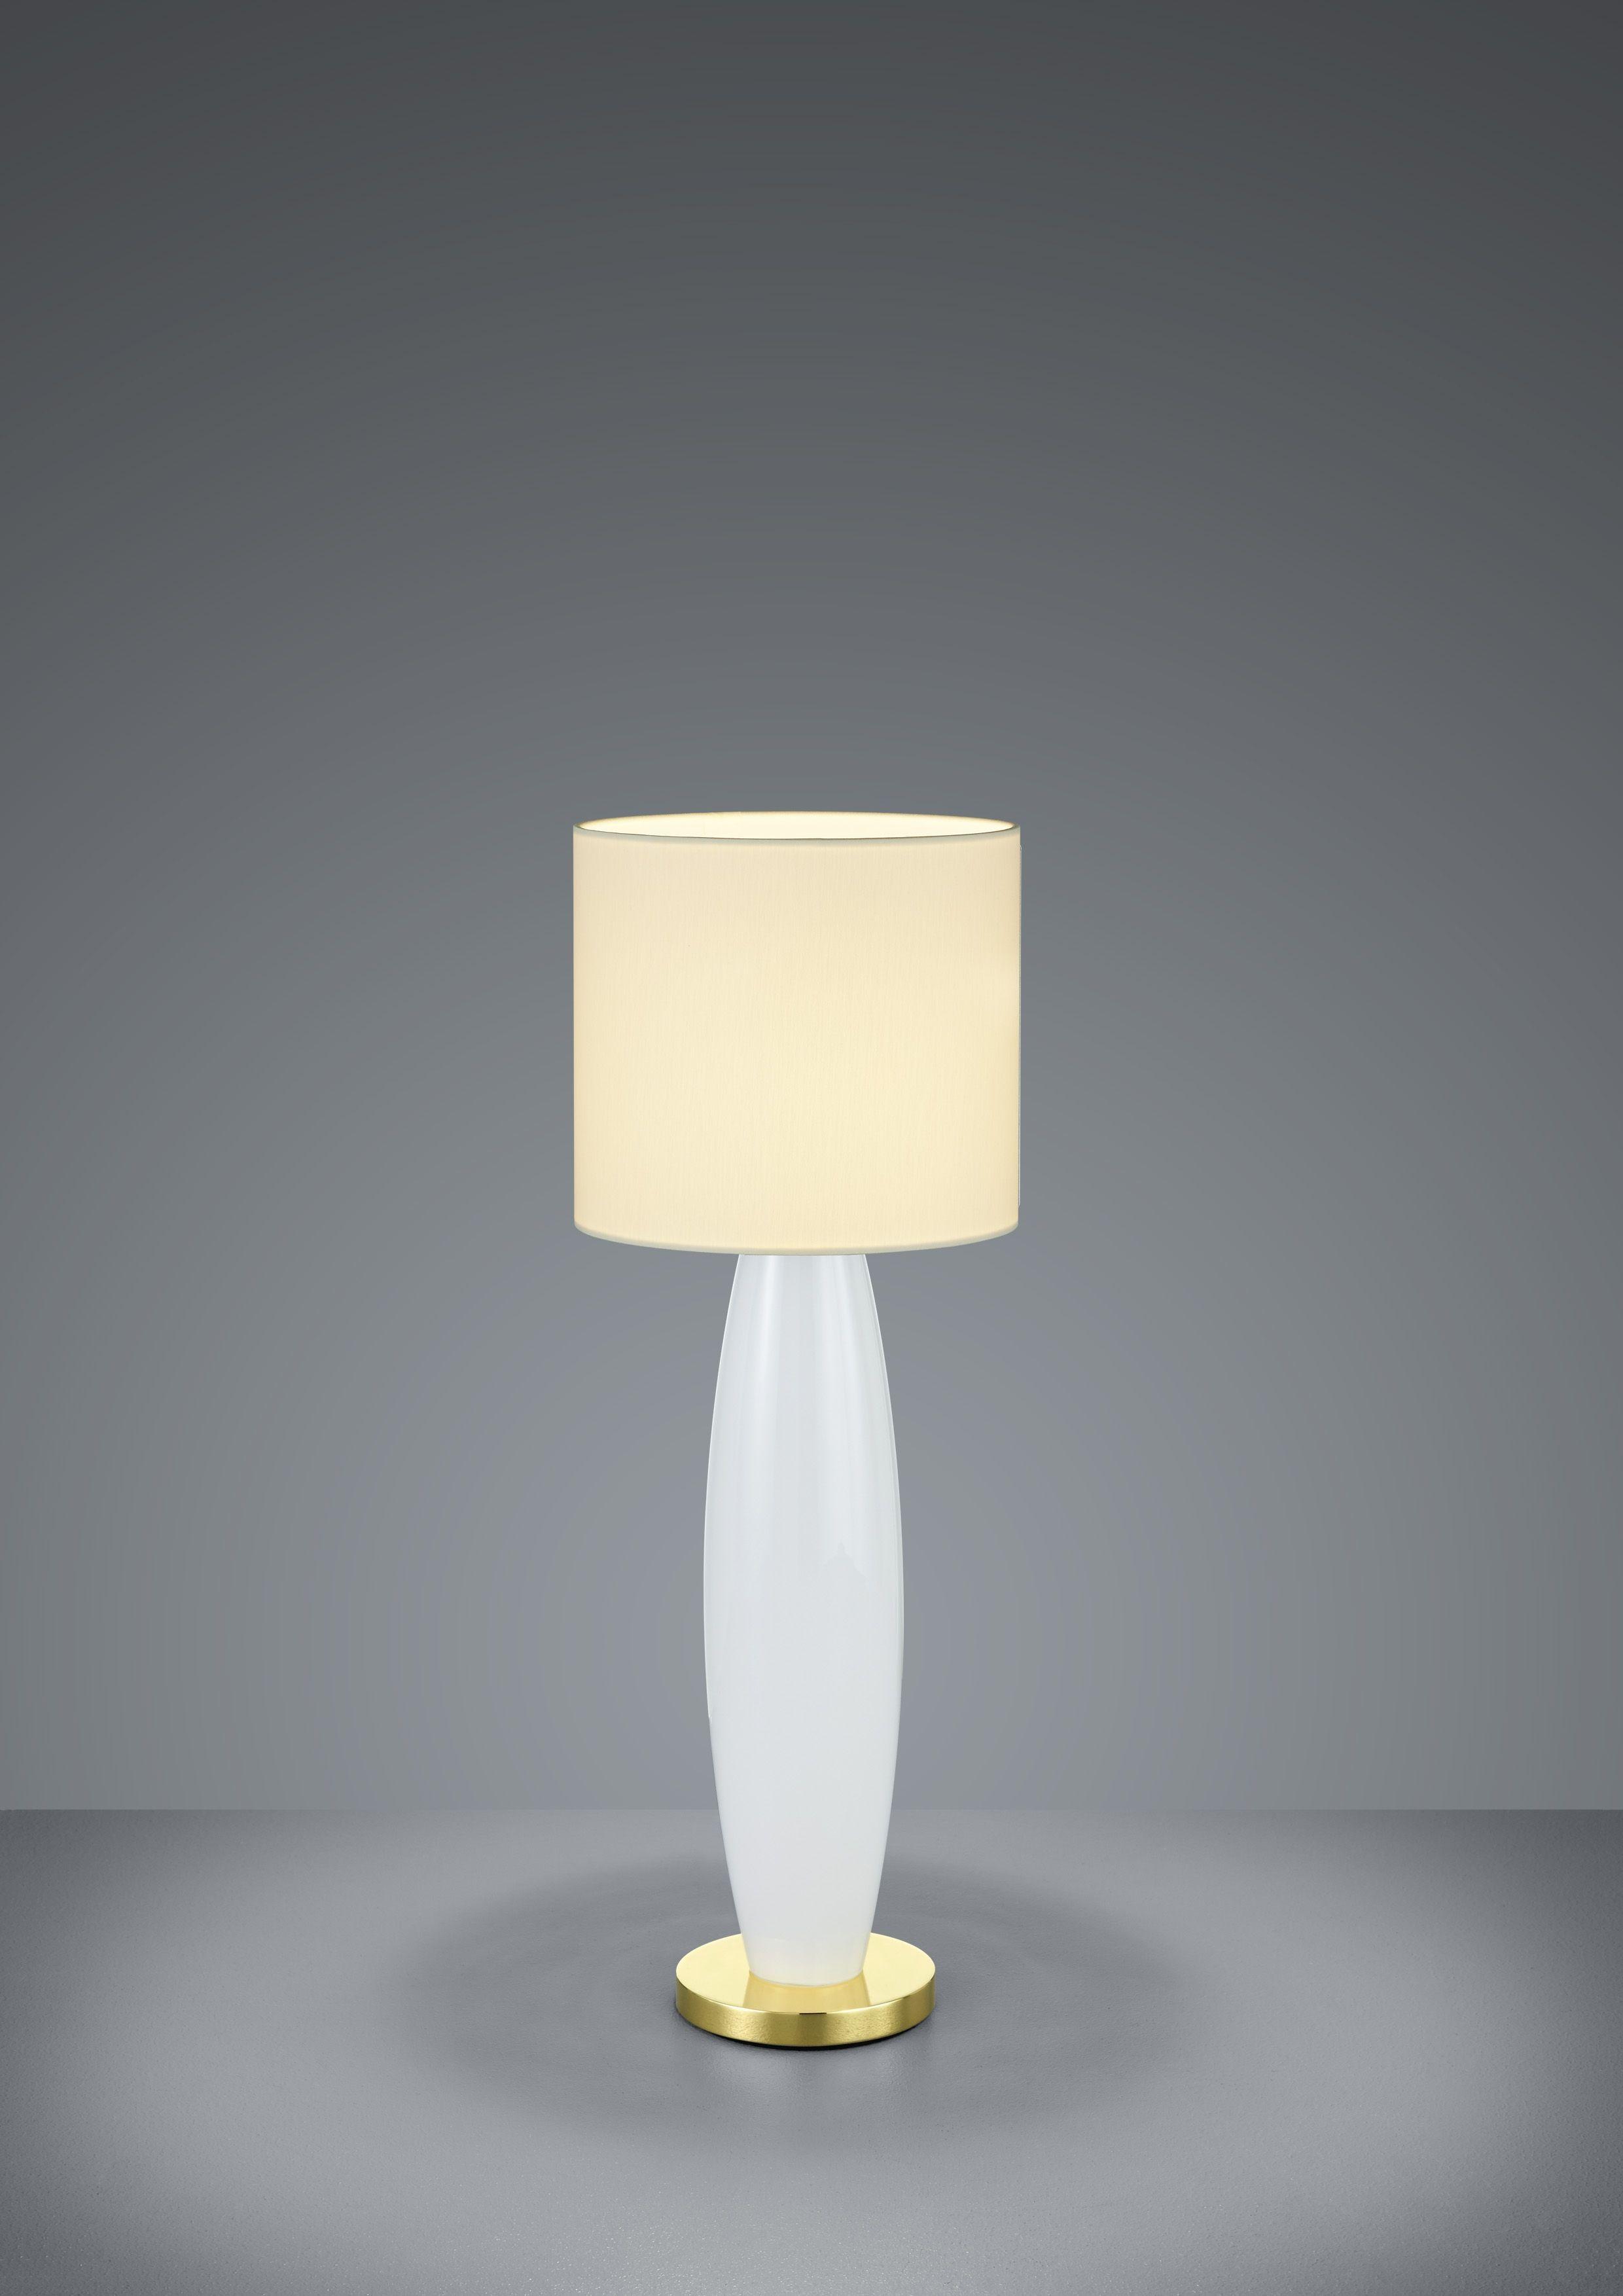 Tischleuchten von BANKAMP Leuchtenmanufaktur Tischleuchte Venice klein 5980/1-40